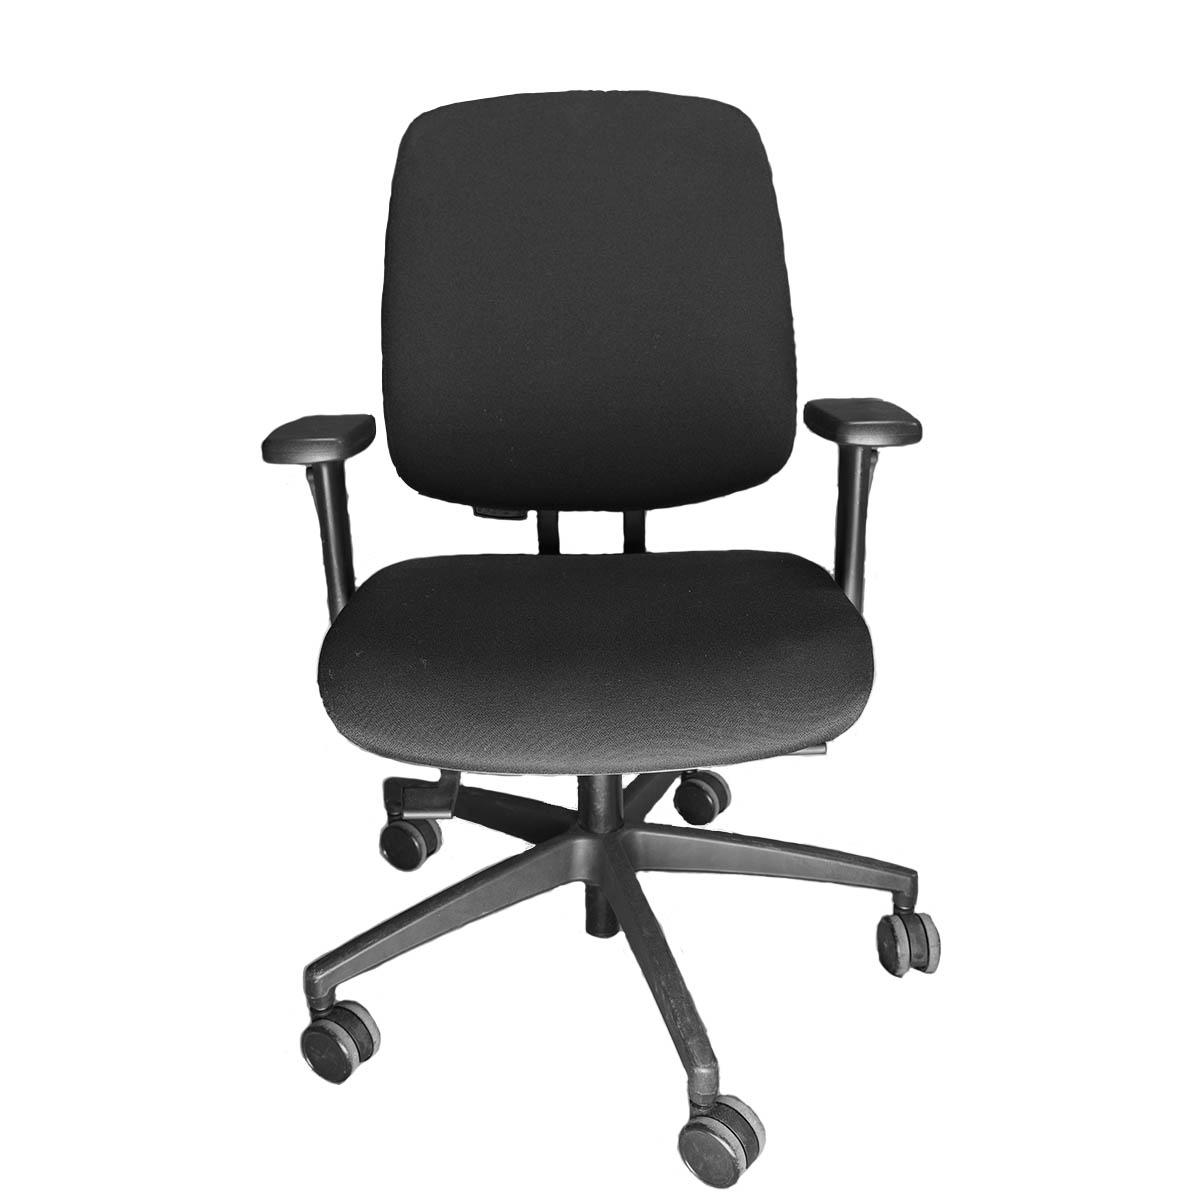 Ergoweb-Bureaustoel-EN1335